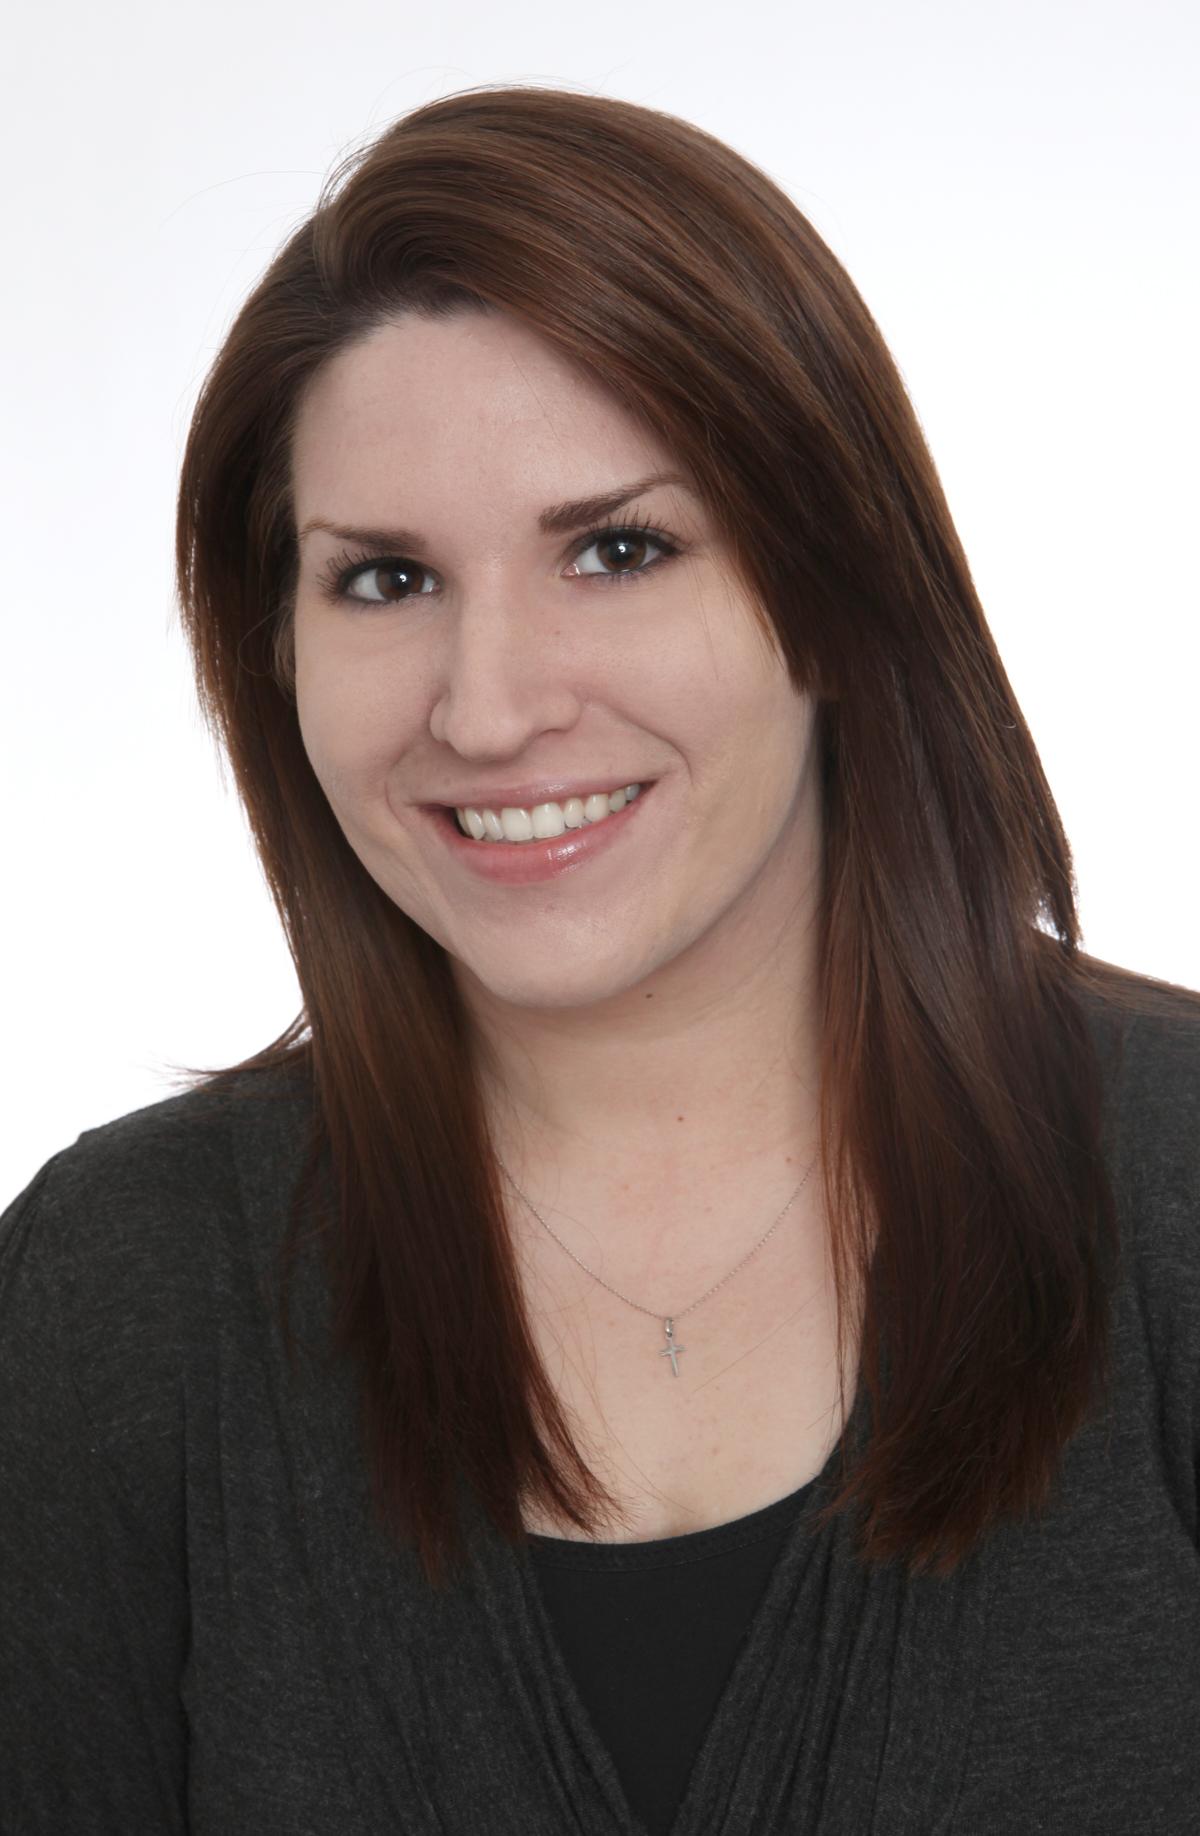 Christina Meeks